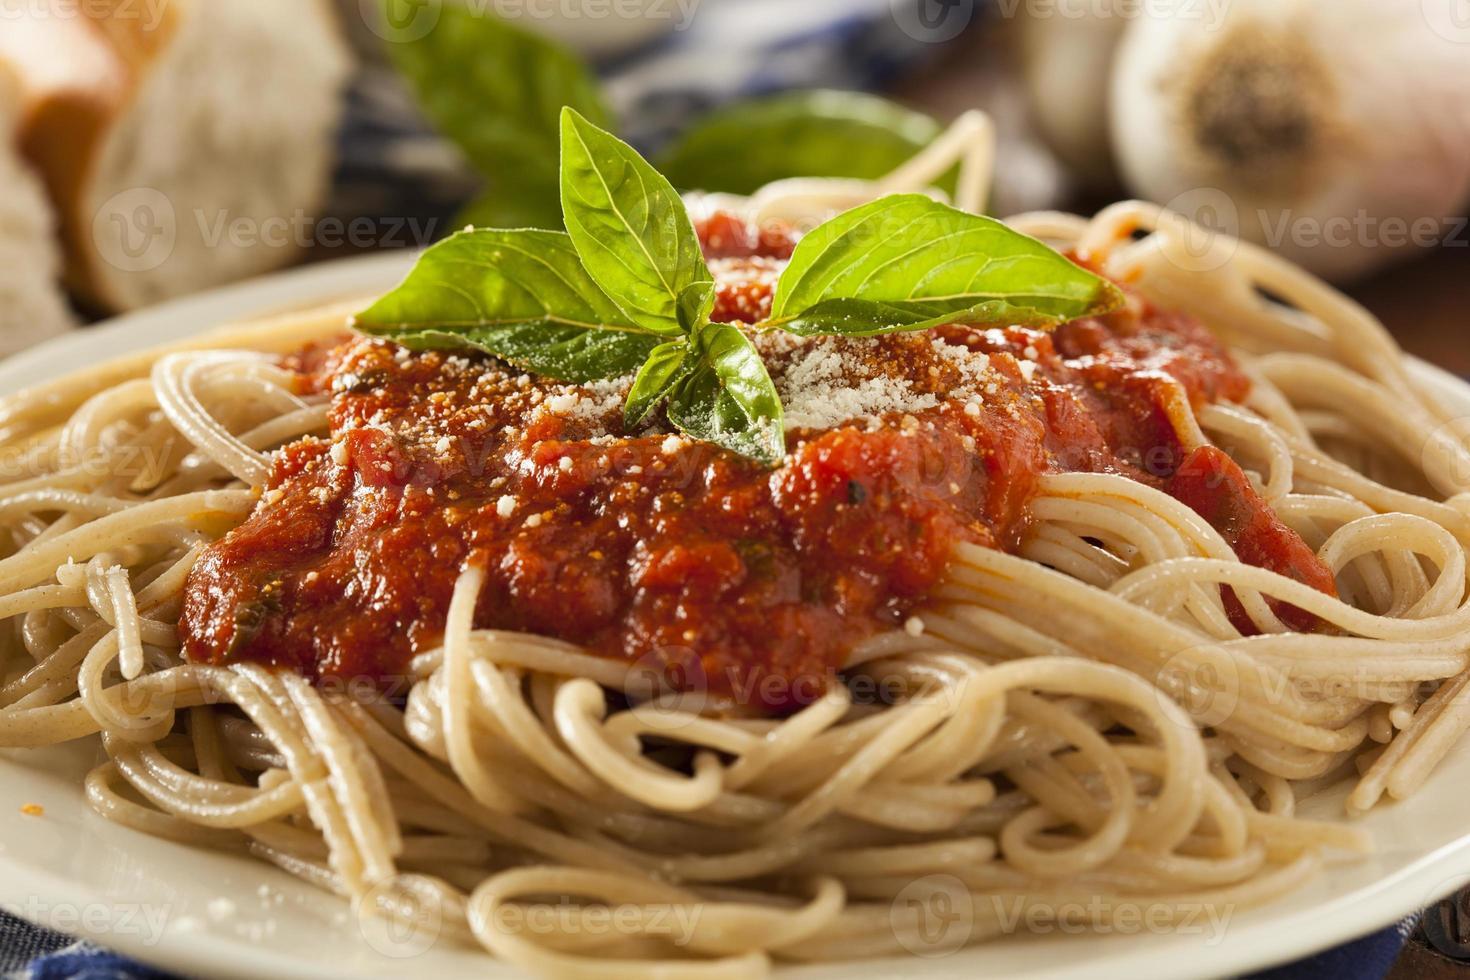 huisgemaakte spaghetti met marinarasaus foto